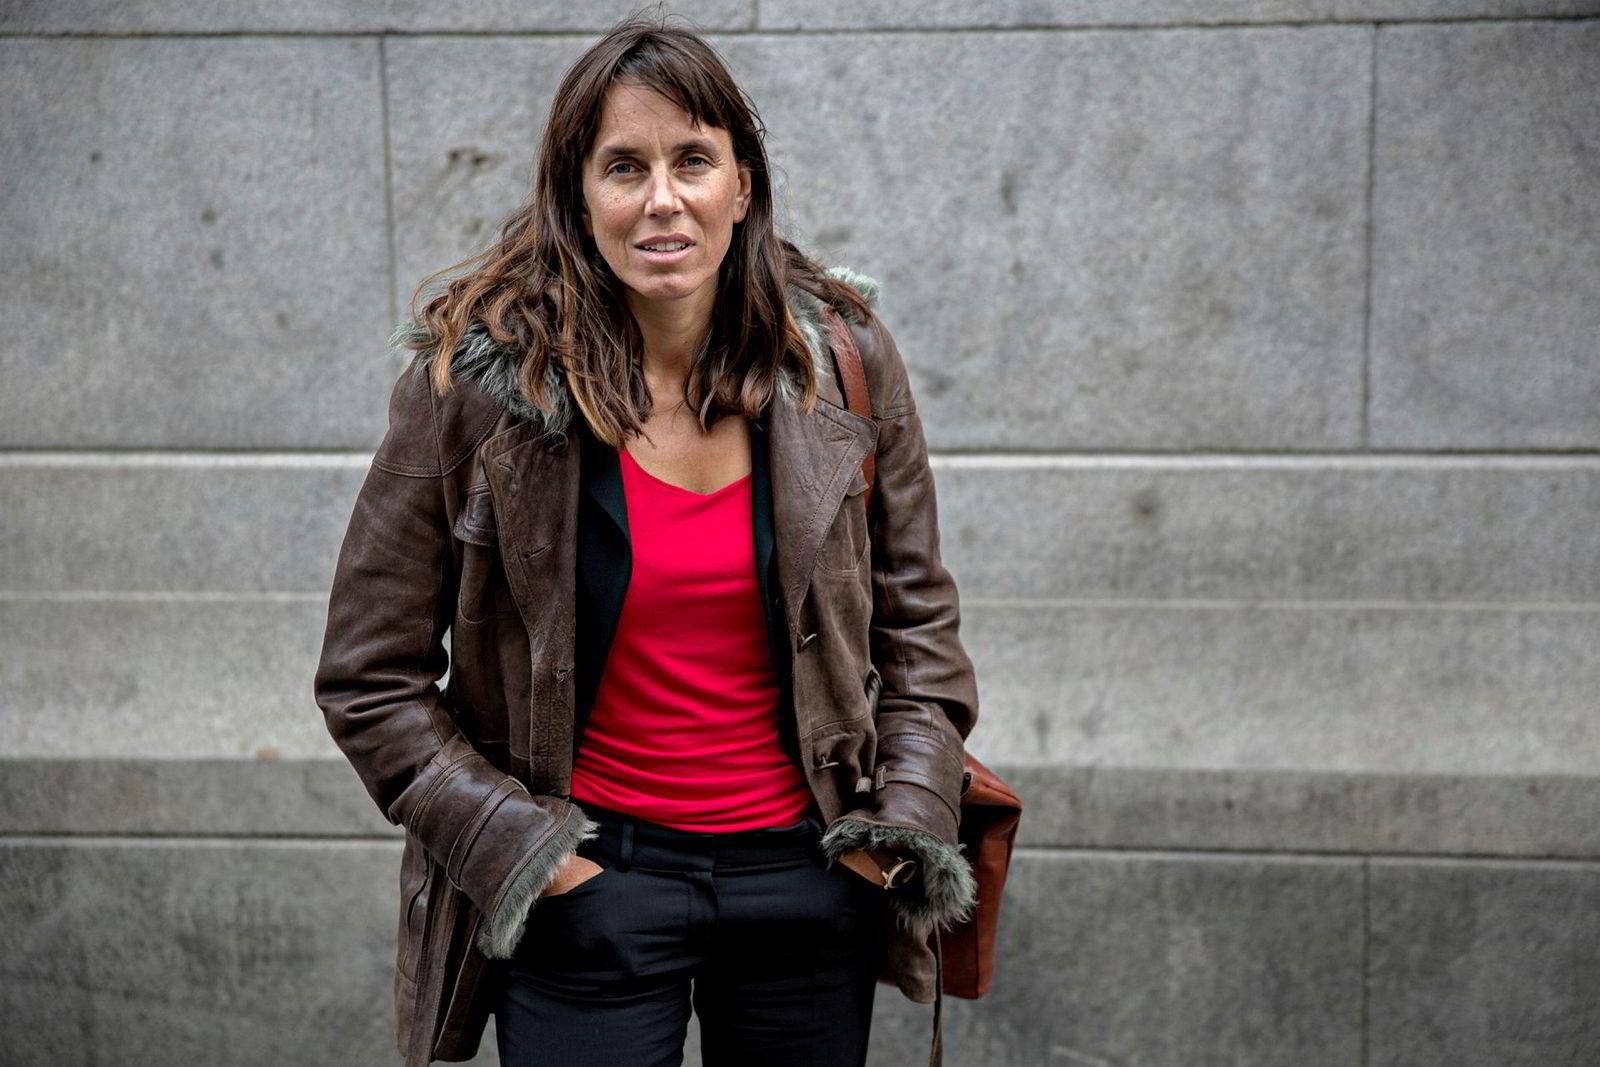 Bettina Banoun i advokatfirmaet Wiersholm representerer Petter Olsen i søksmålet mot Skatteetaten. Hun vil ikke si noe om hva saken handler om.